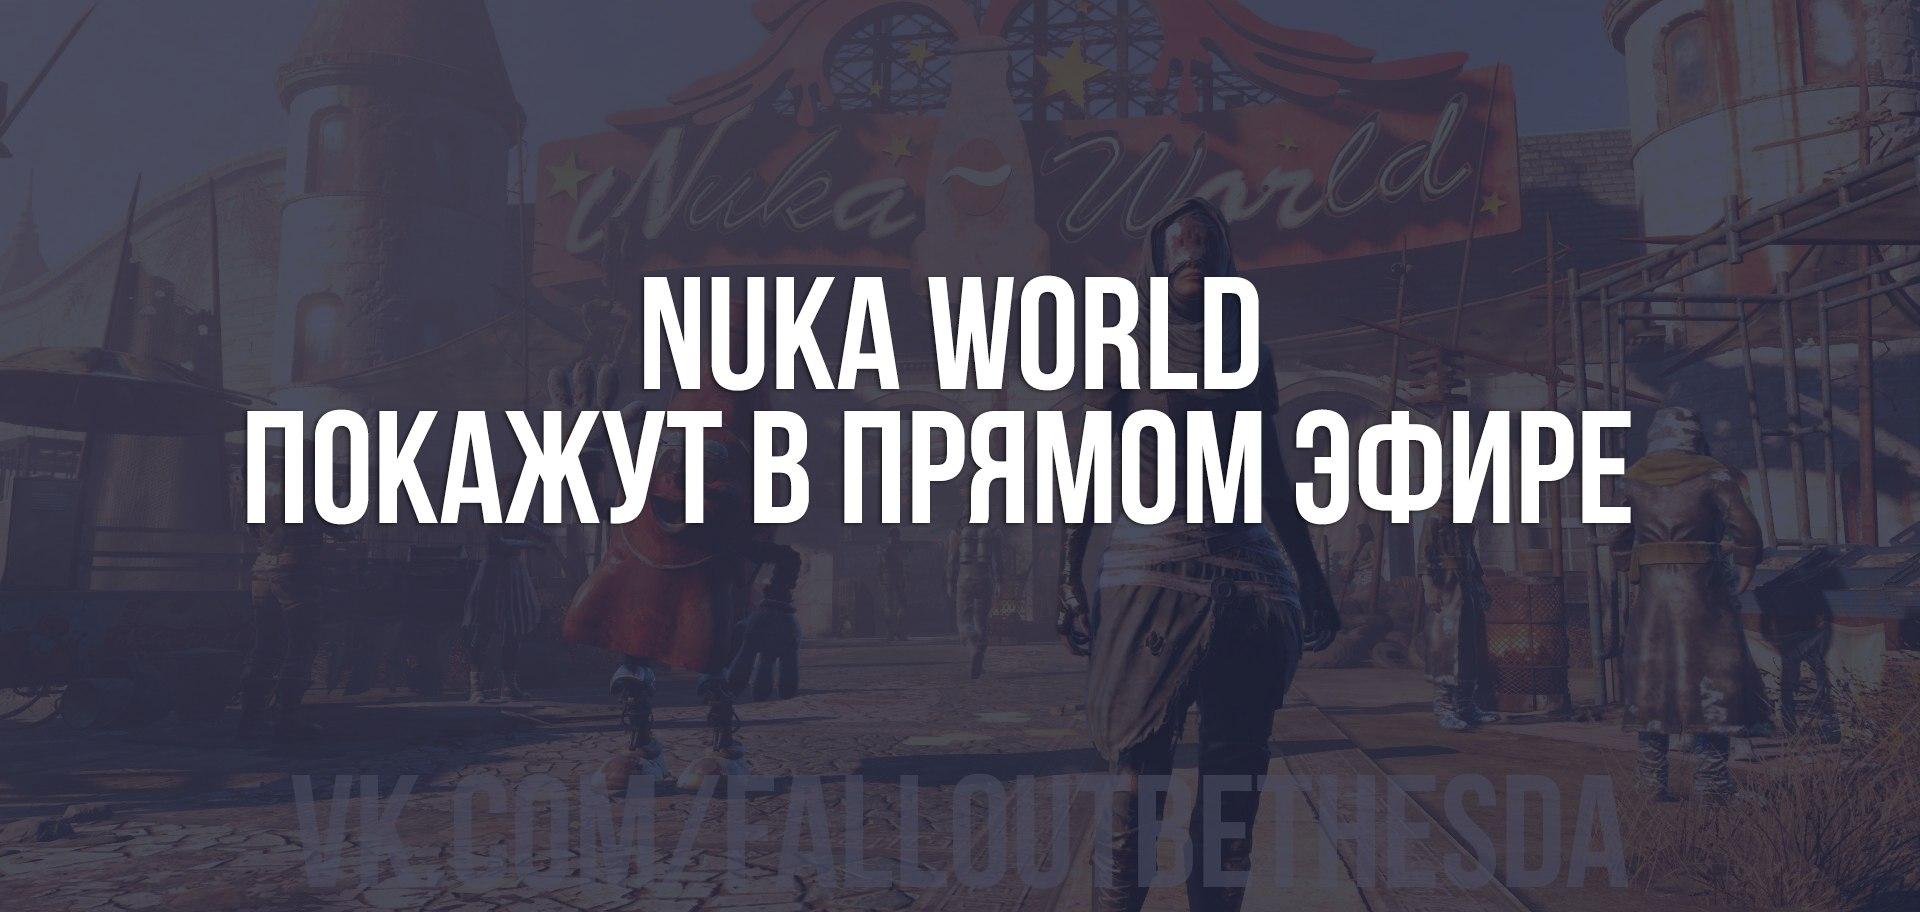 Bethesda продемонстрирует геймплей и содержание дополнения Nuka World в прямом эфире 23 августа на канале Bethesda в Twitch, трансляция начнется в 23:00 по московскому времени.